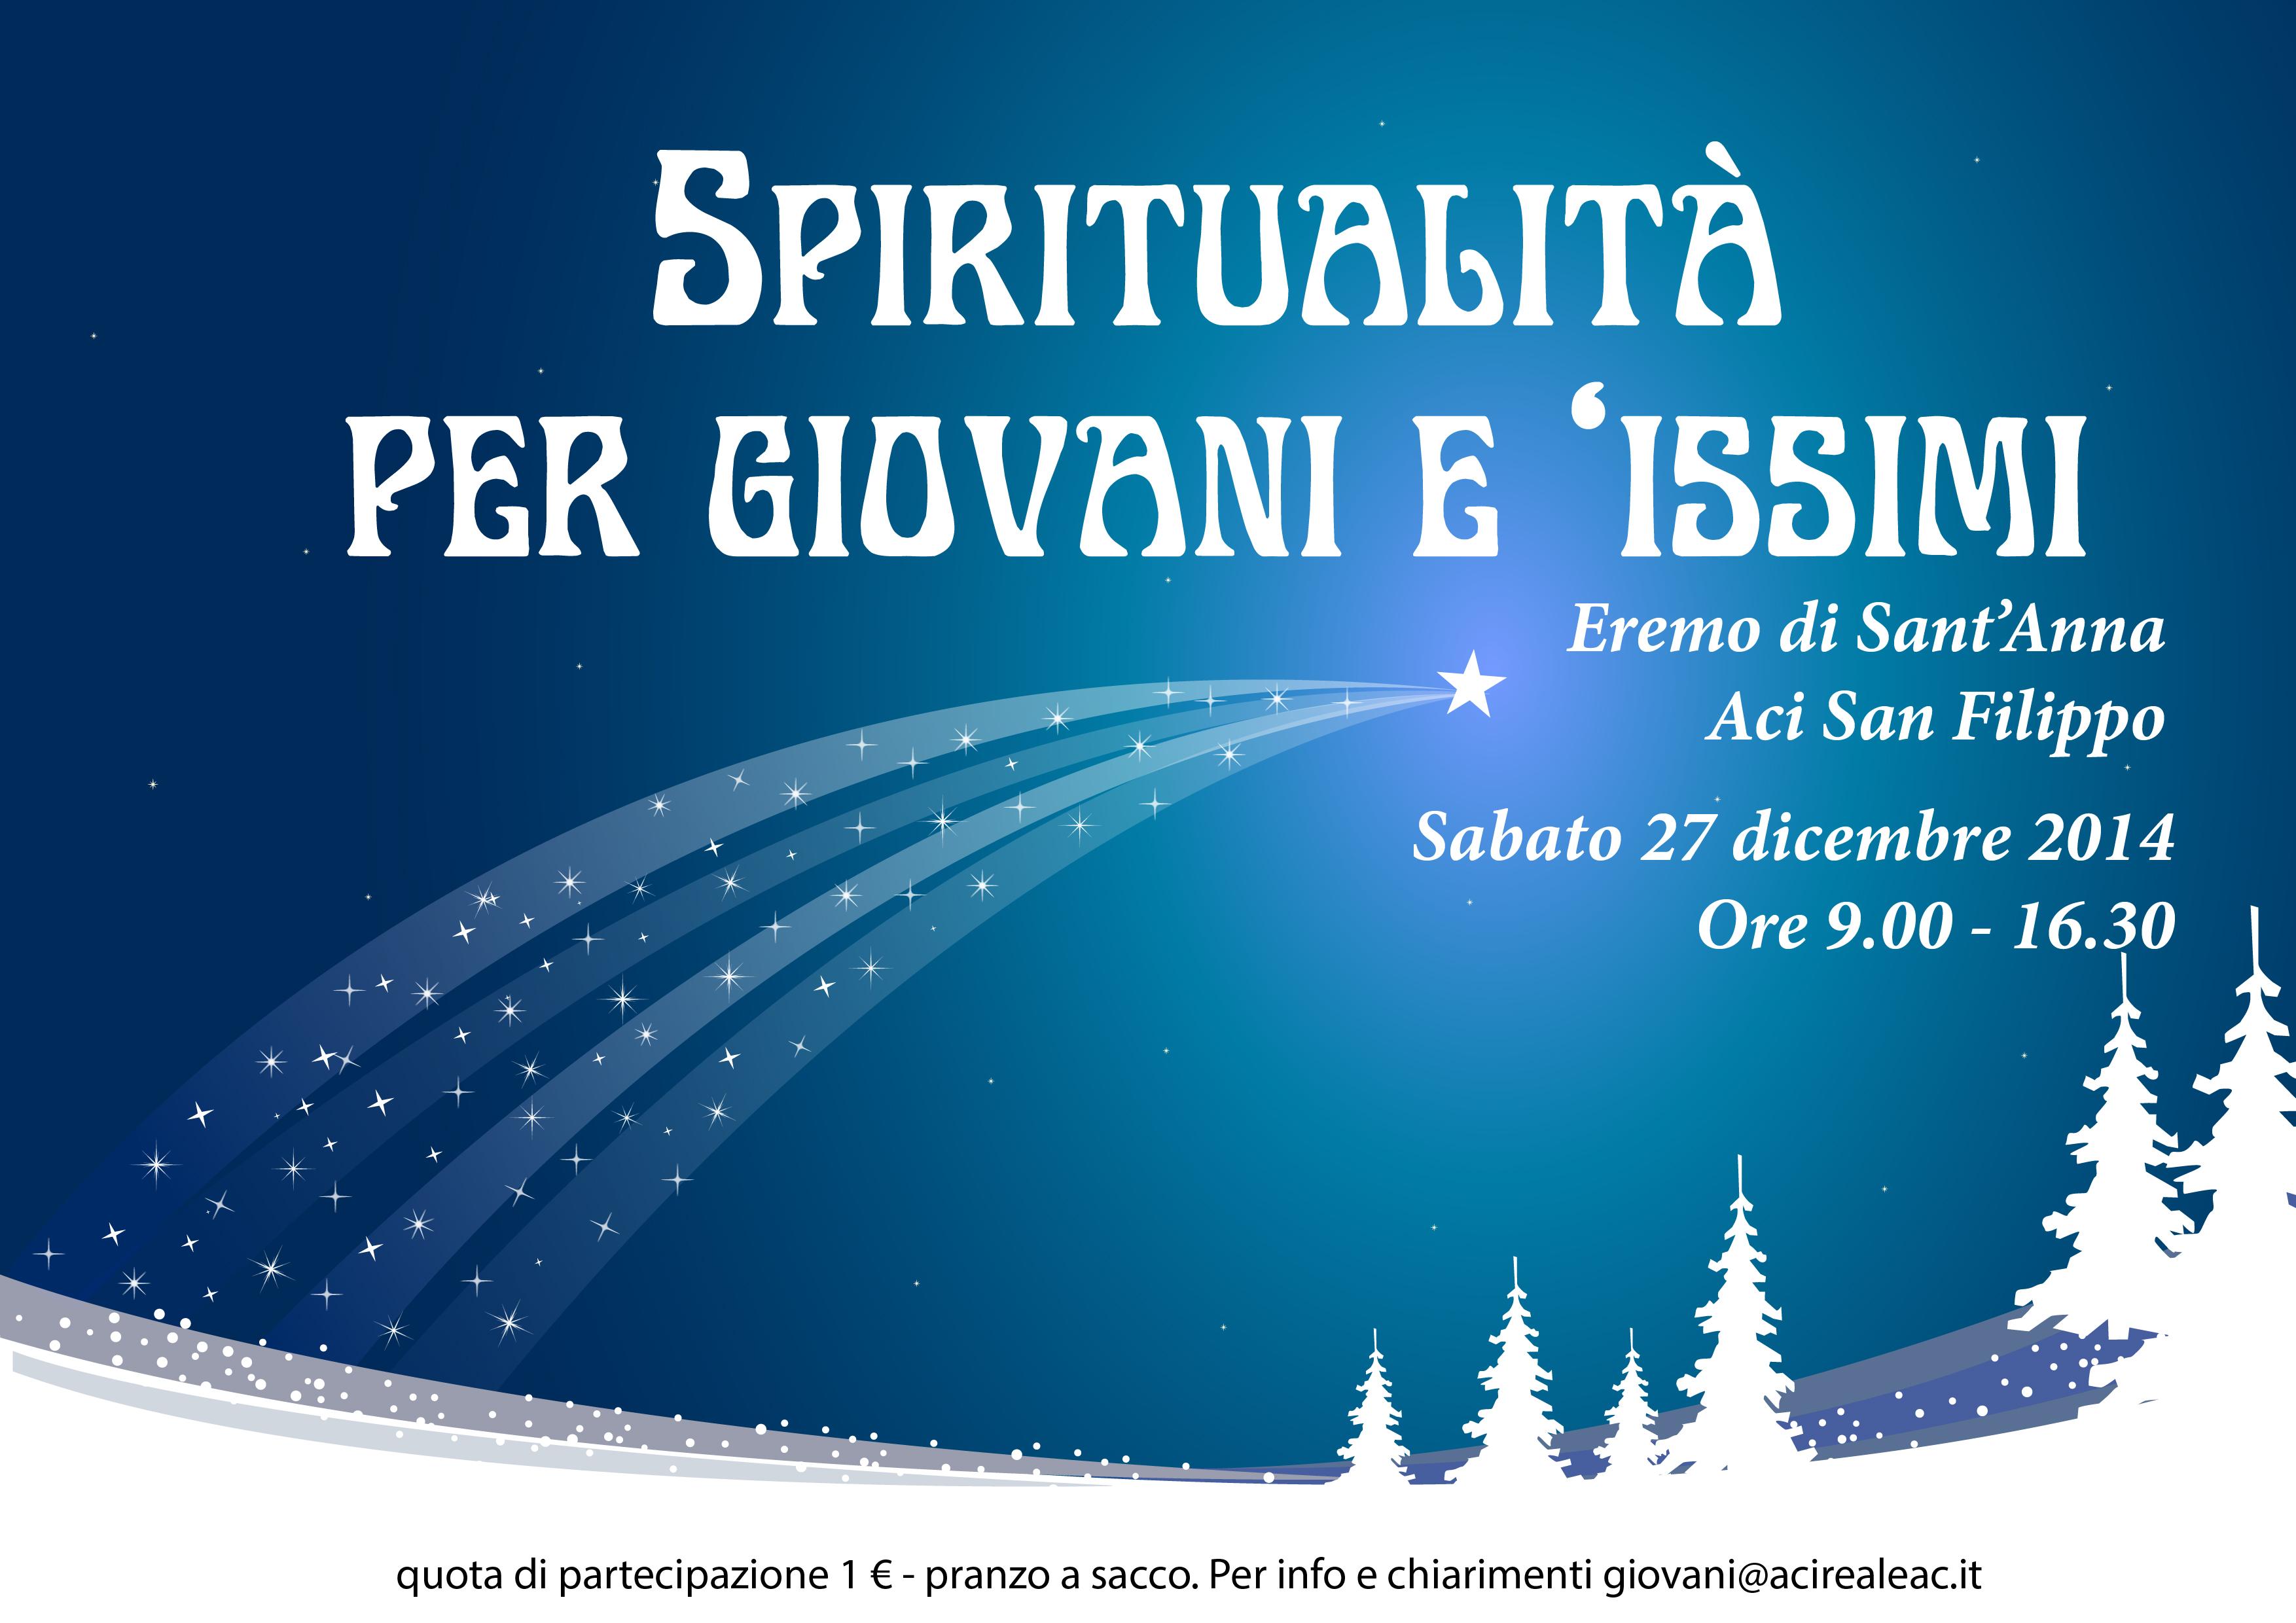 Gli Auguri del Settore Giovani… …e l'invito a giovani e issimi per la Giornata di Spiritualità del 27 Dicembre!!!